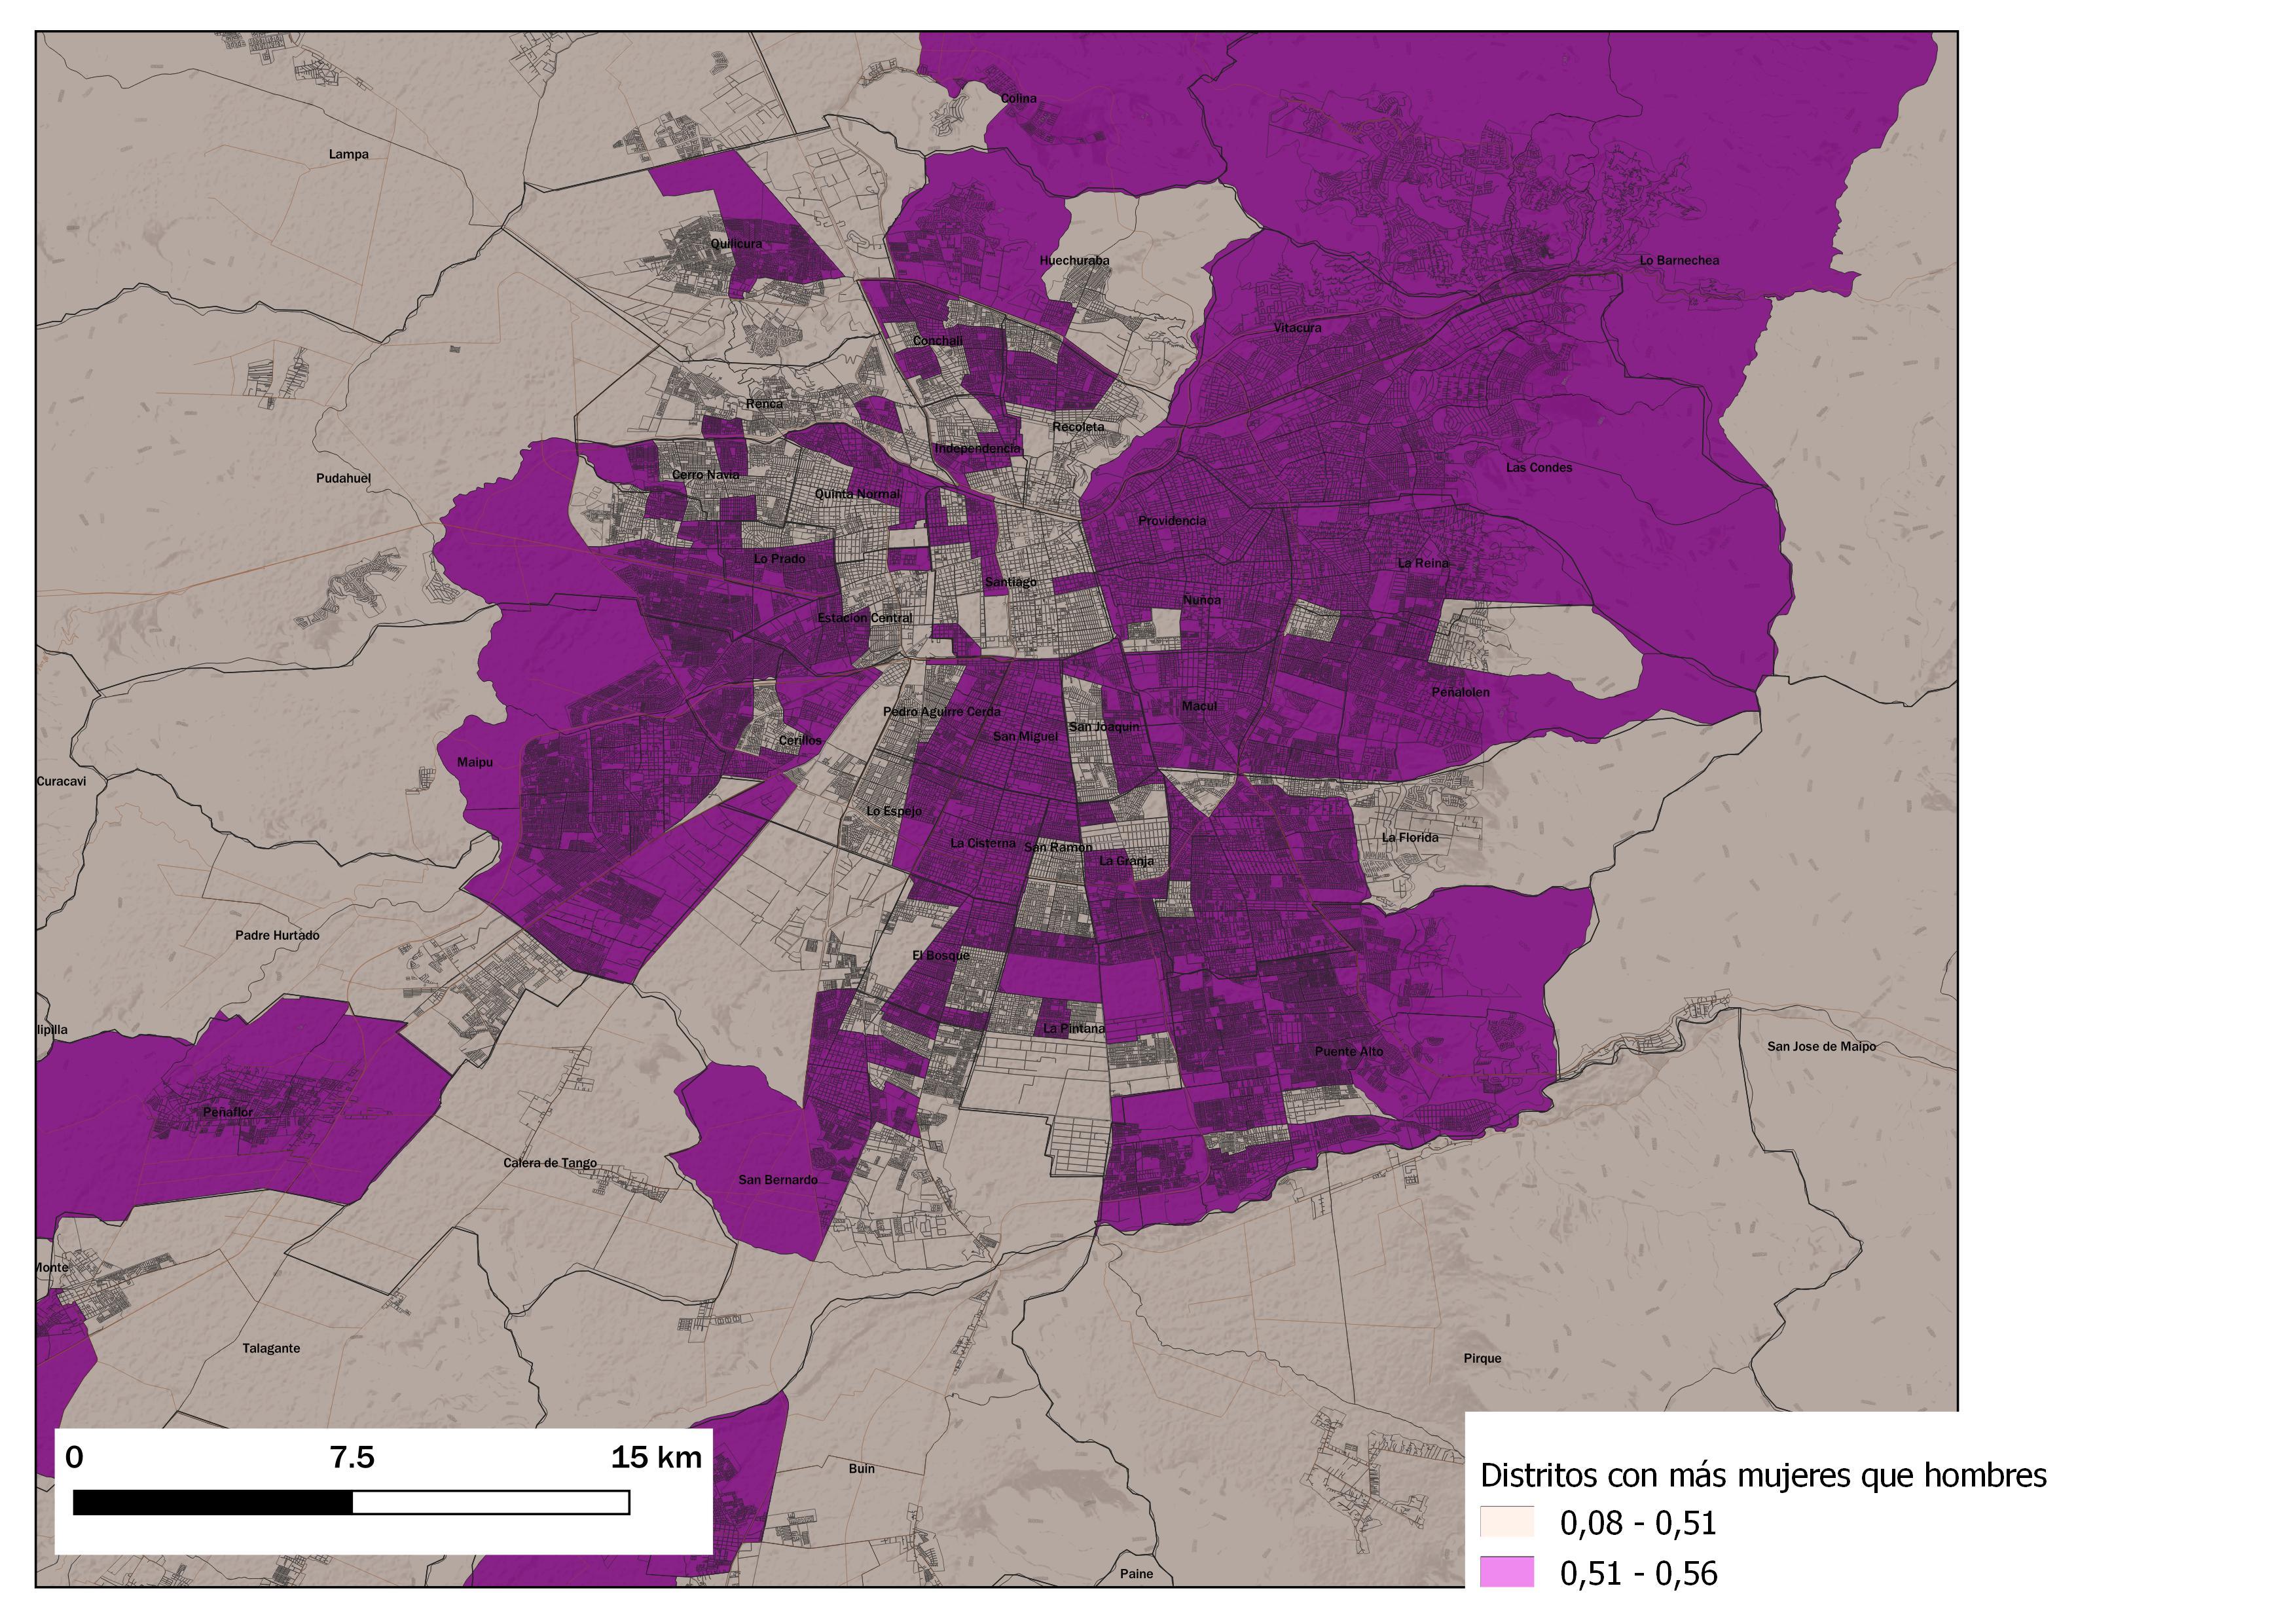 Mapa de la RM indicando los distritos censales 2017 donde hay más mujeres que hombres